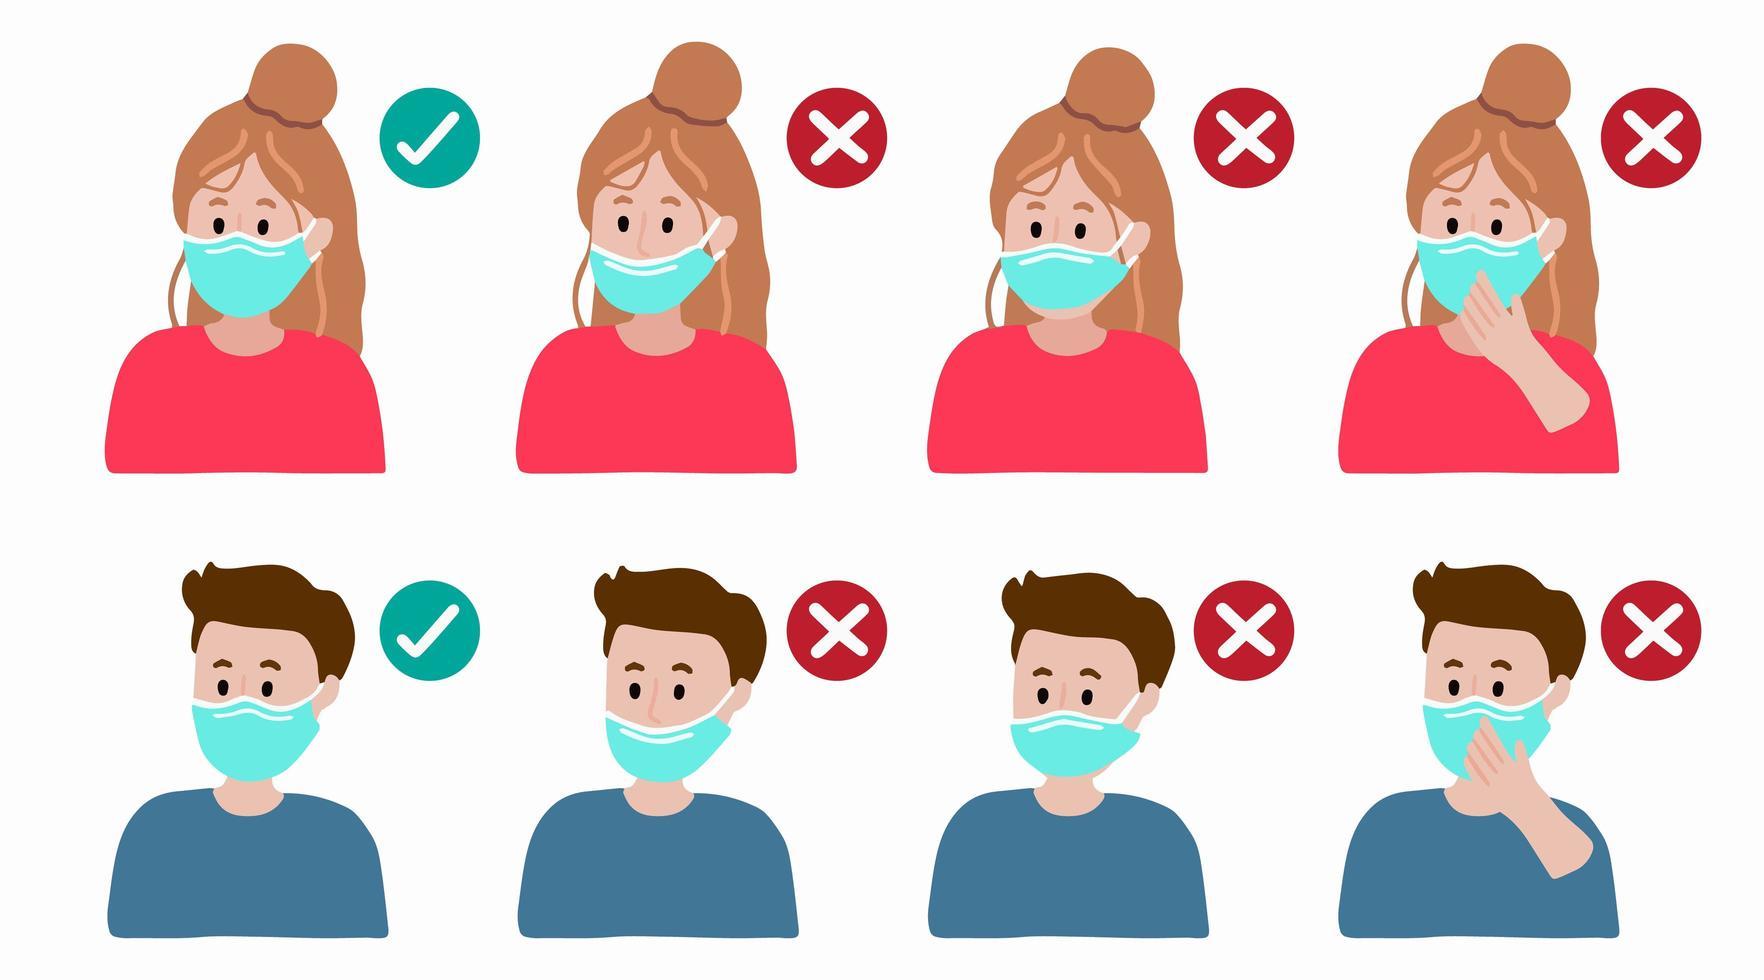 come indossare correttamente il poster delle istruzioni per la maschera facciale vettore